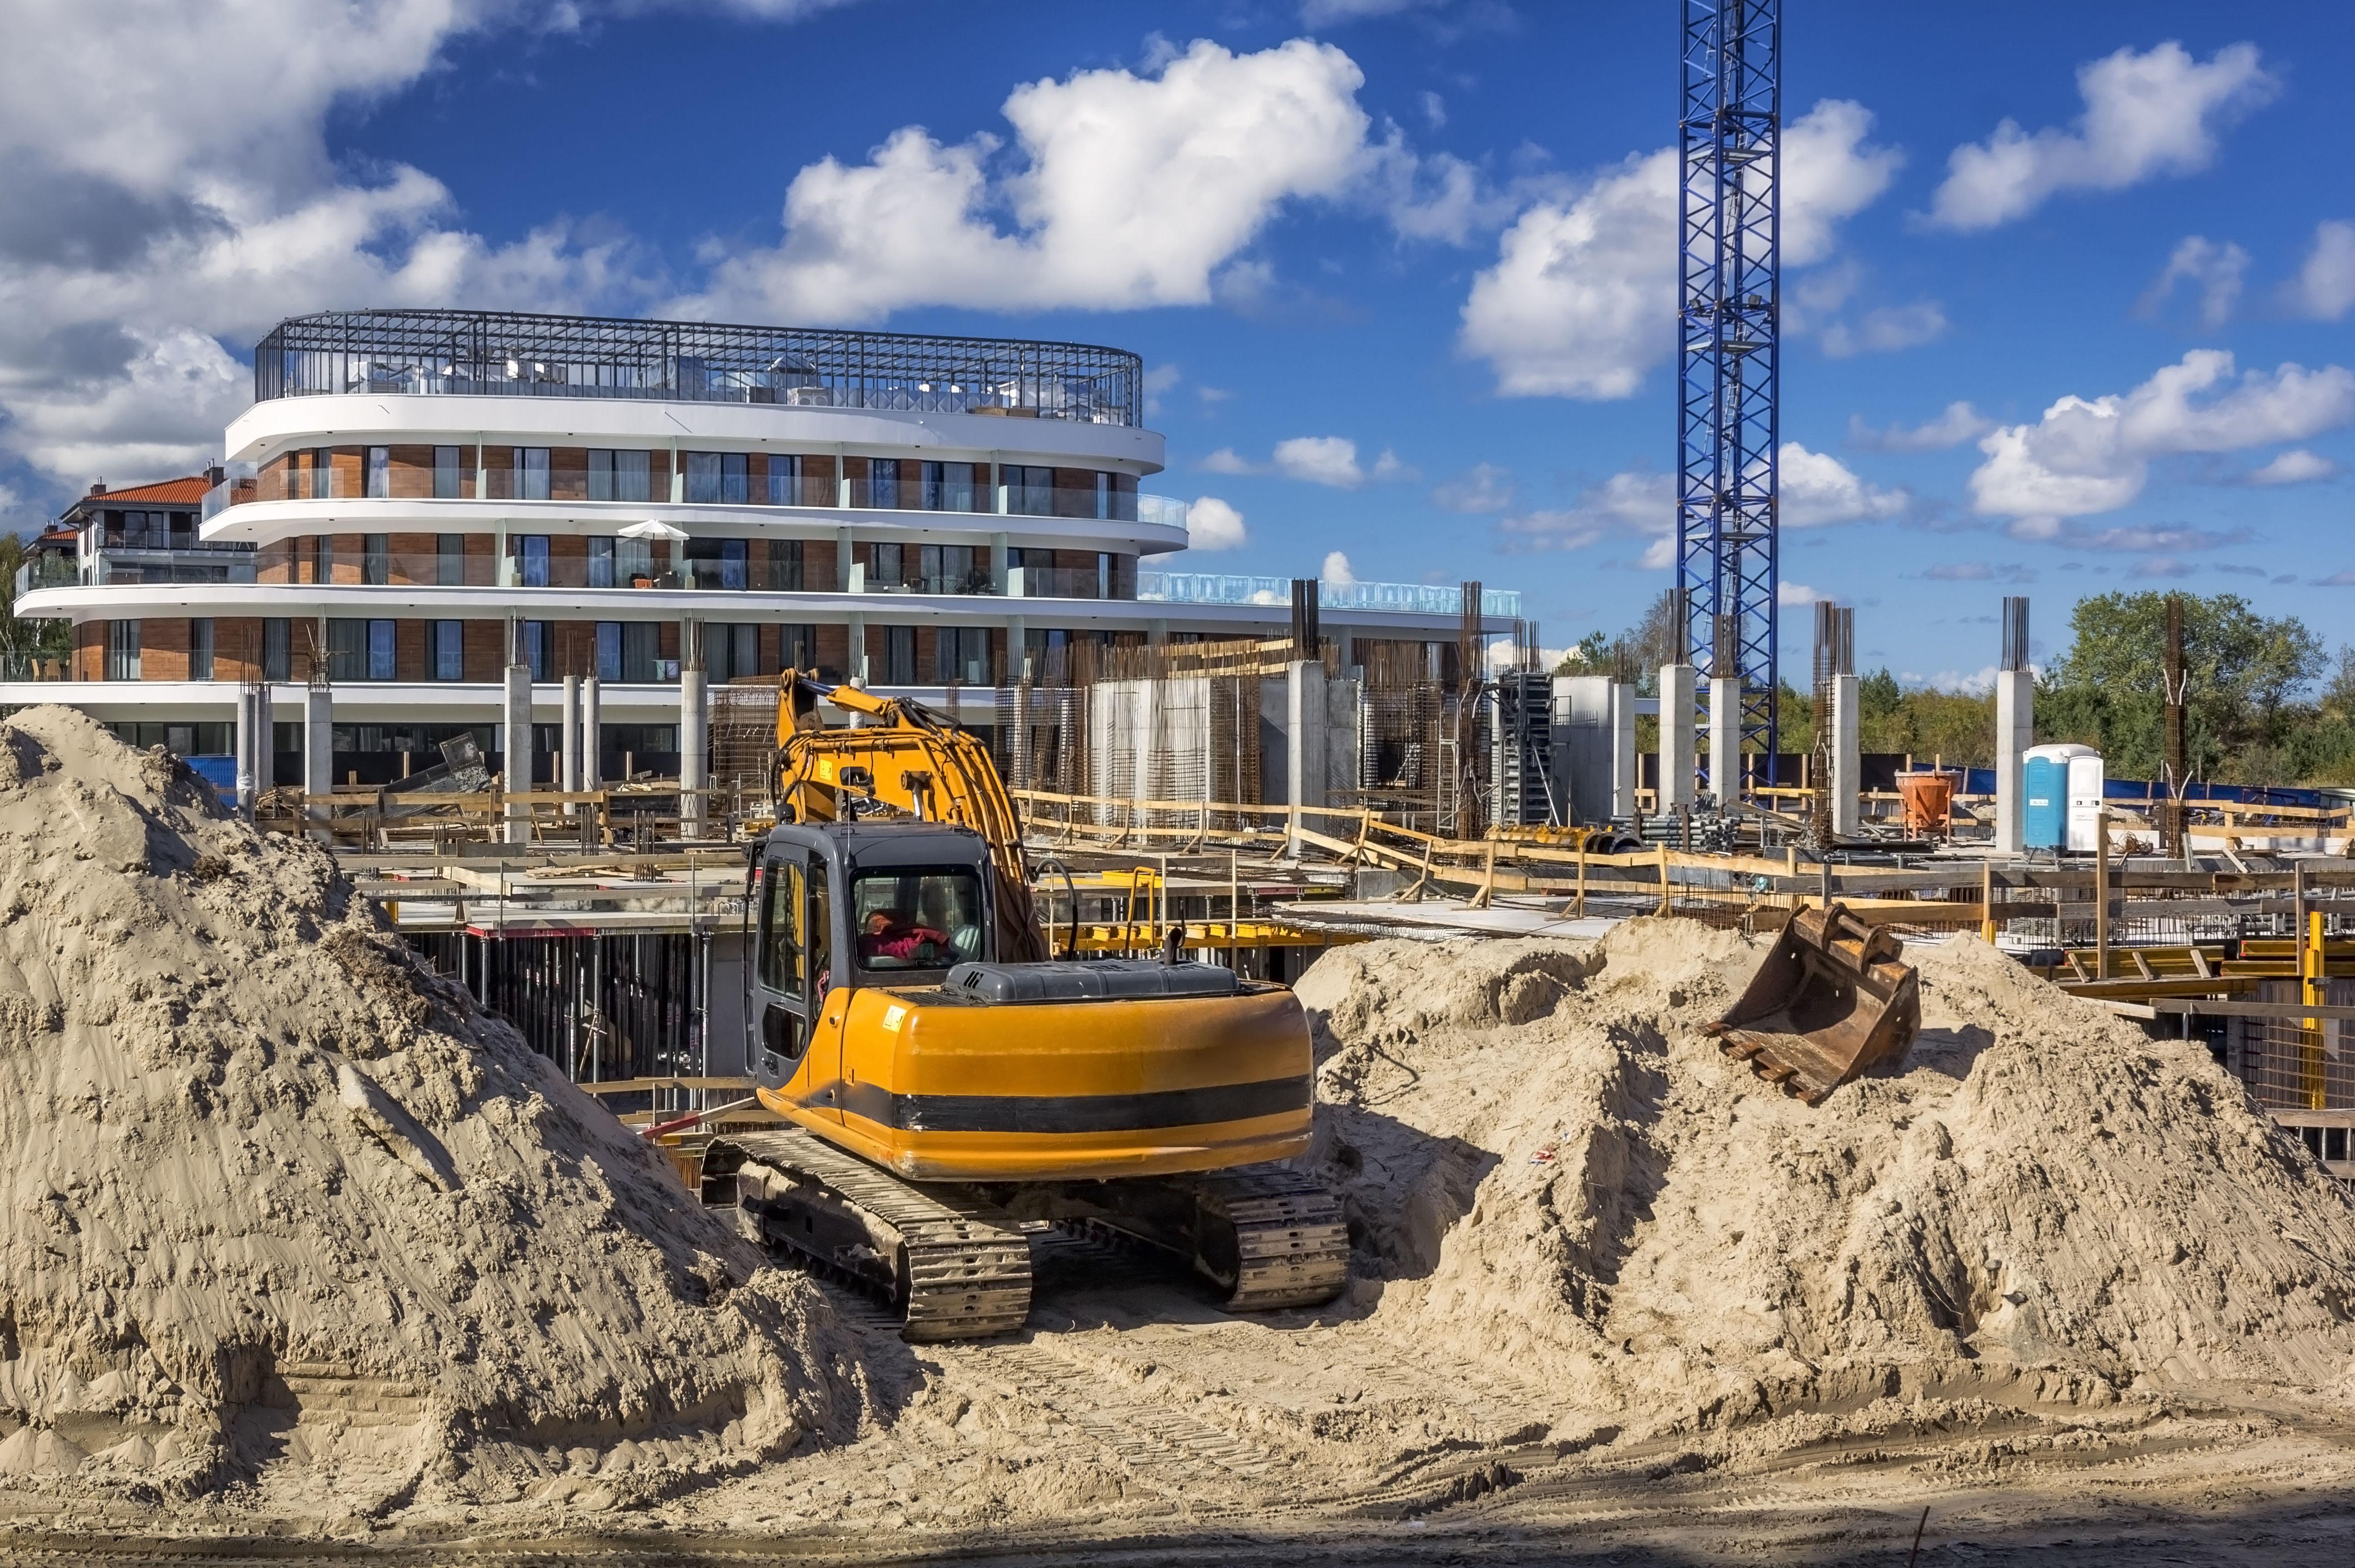 Alquiler de maquinaria para la construcción en Tomelloso